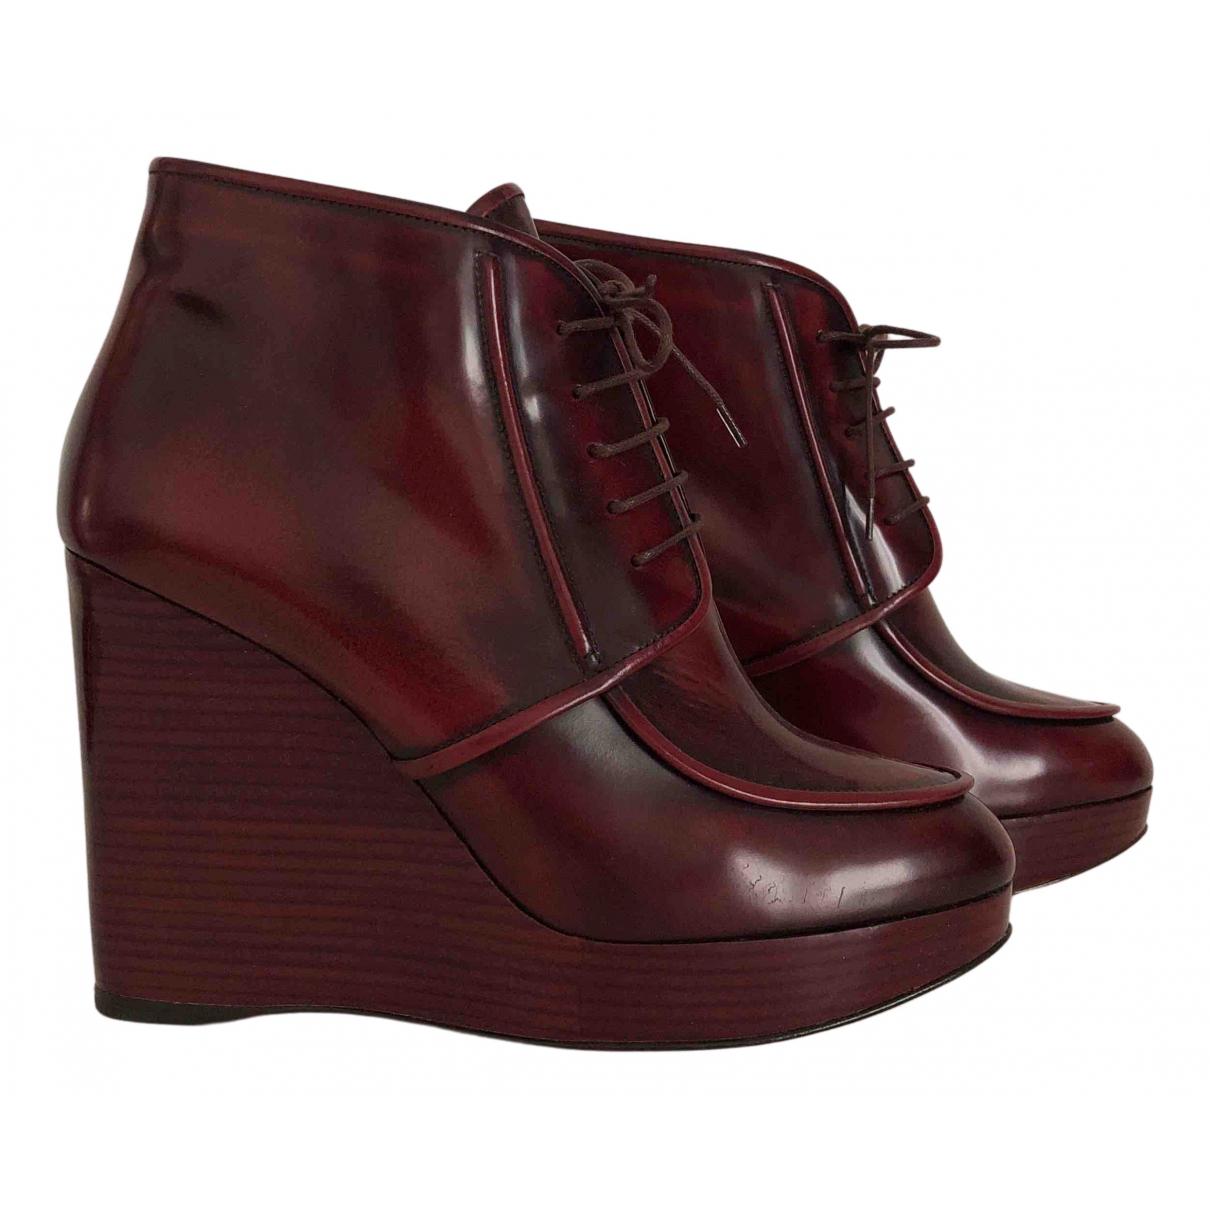 Salvatore Ferragamo - Boots   pour femme en cuir - bordeaux